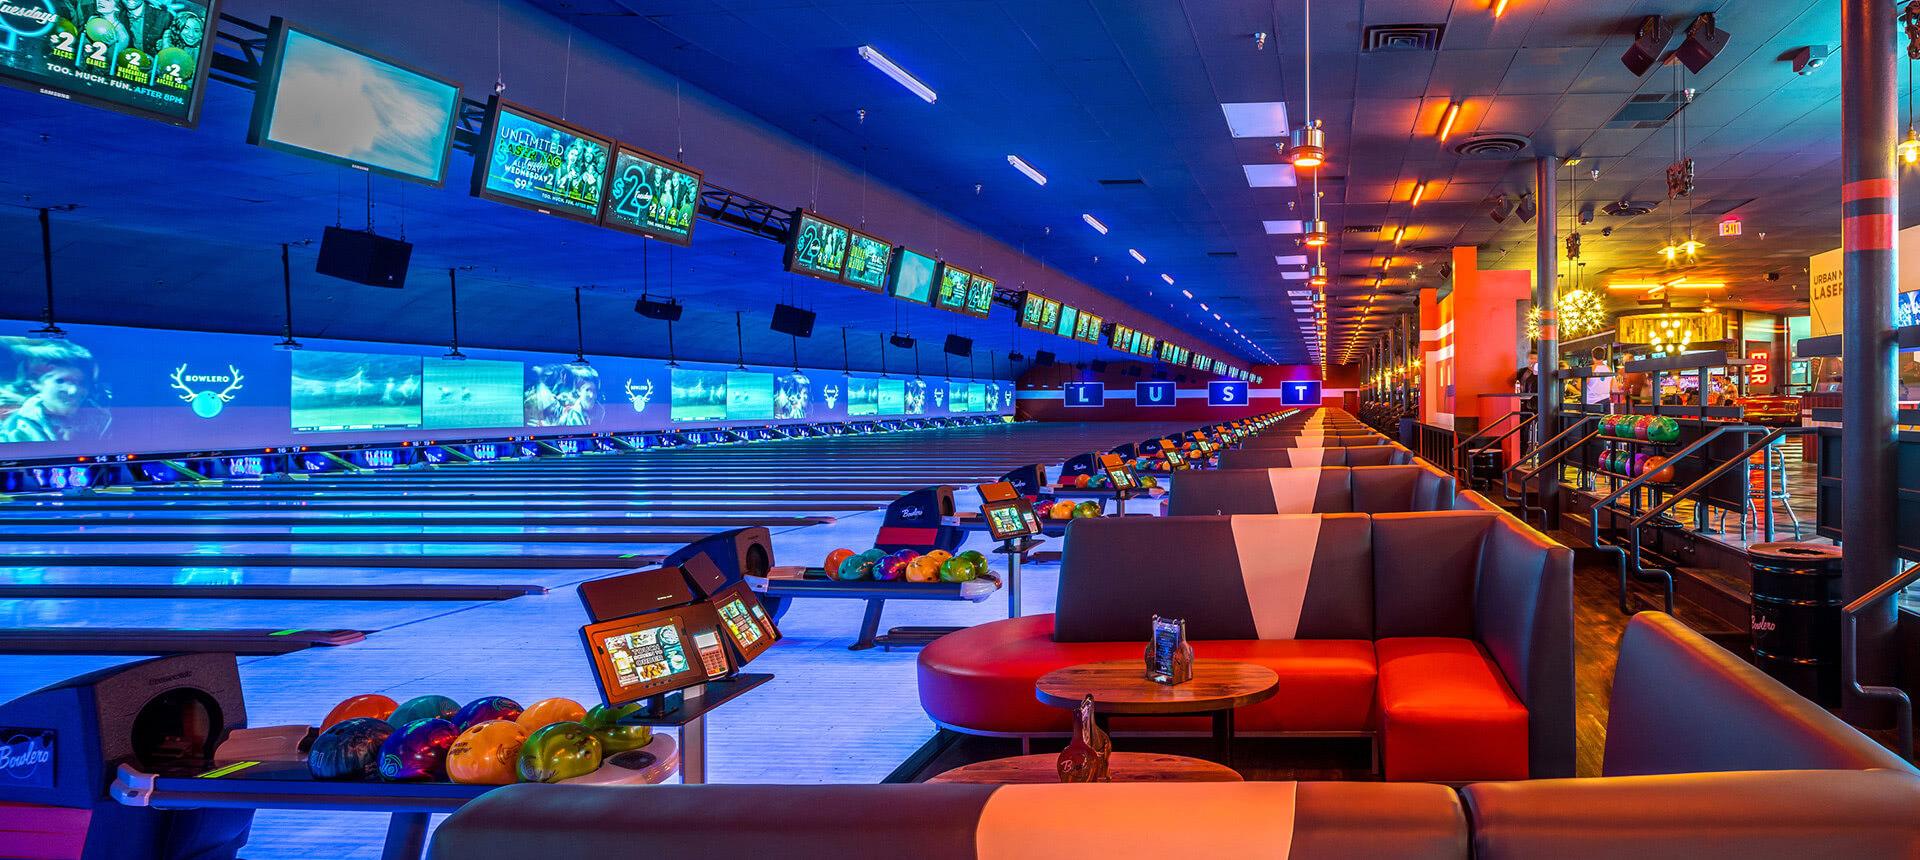 New Brunswick Bowling >> Bowlero Callisonrtkl